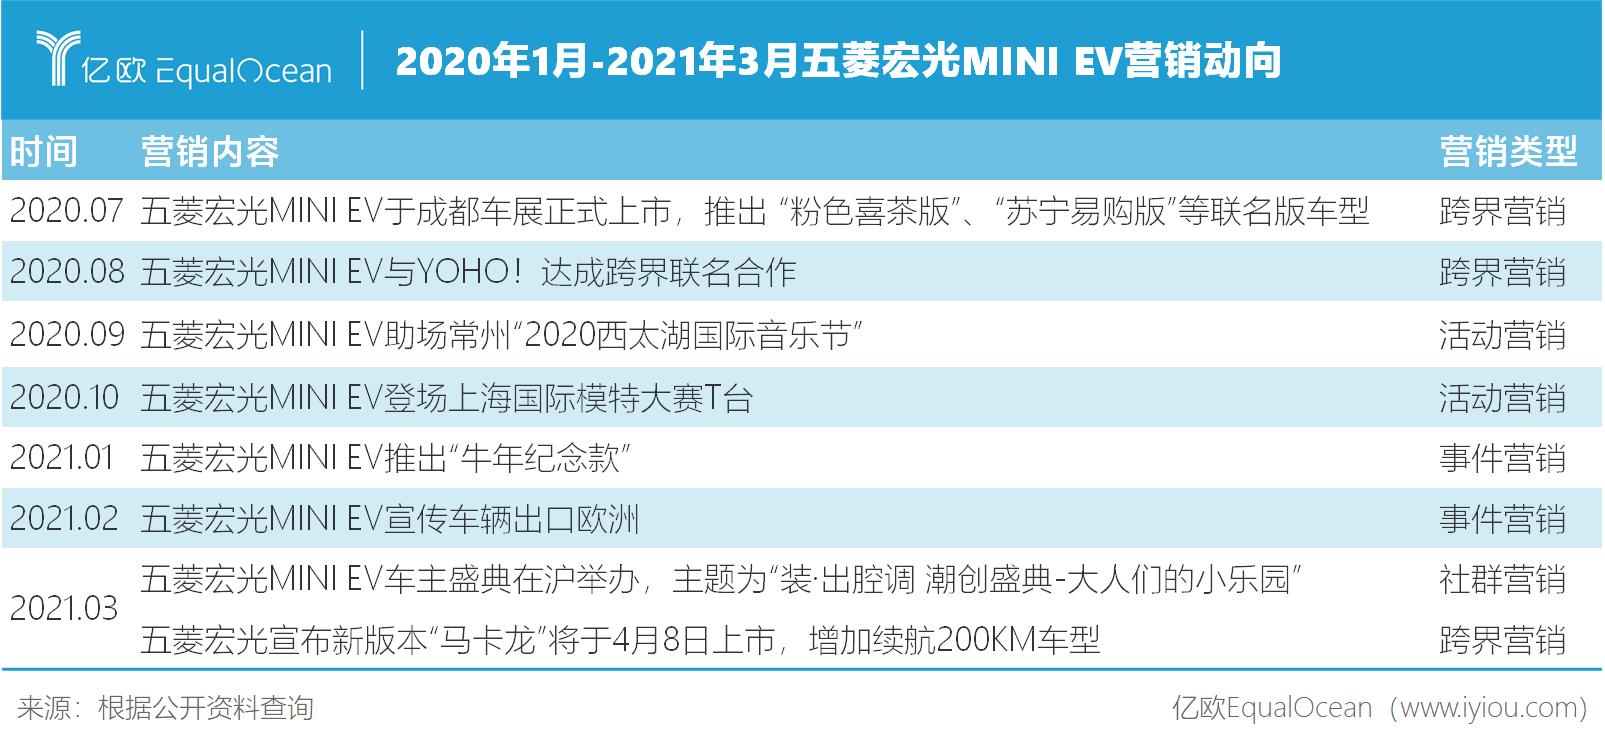 2020年1月-2021年3月五菱宏光MINI EV营销动向